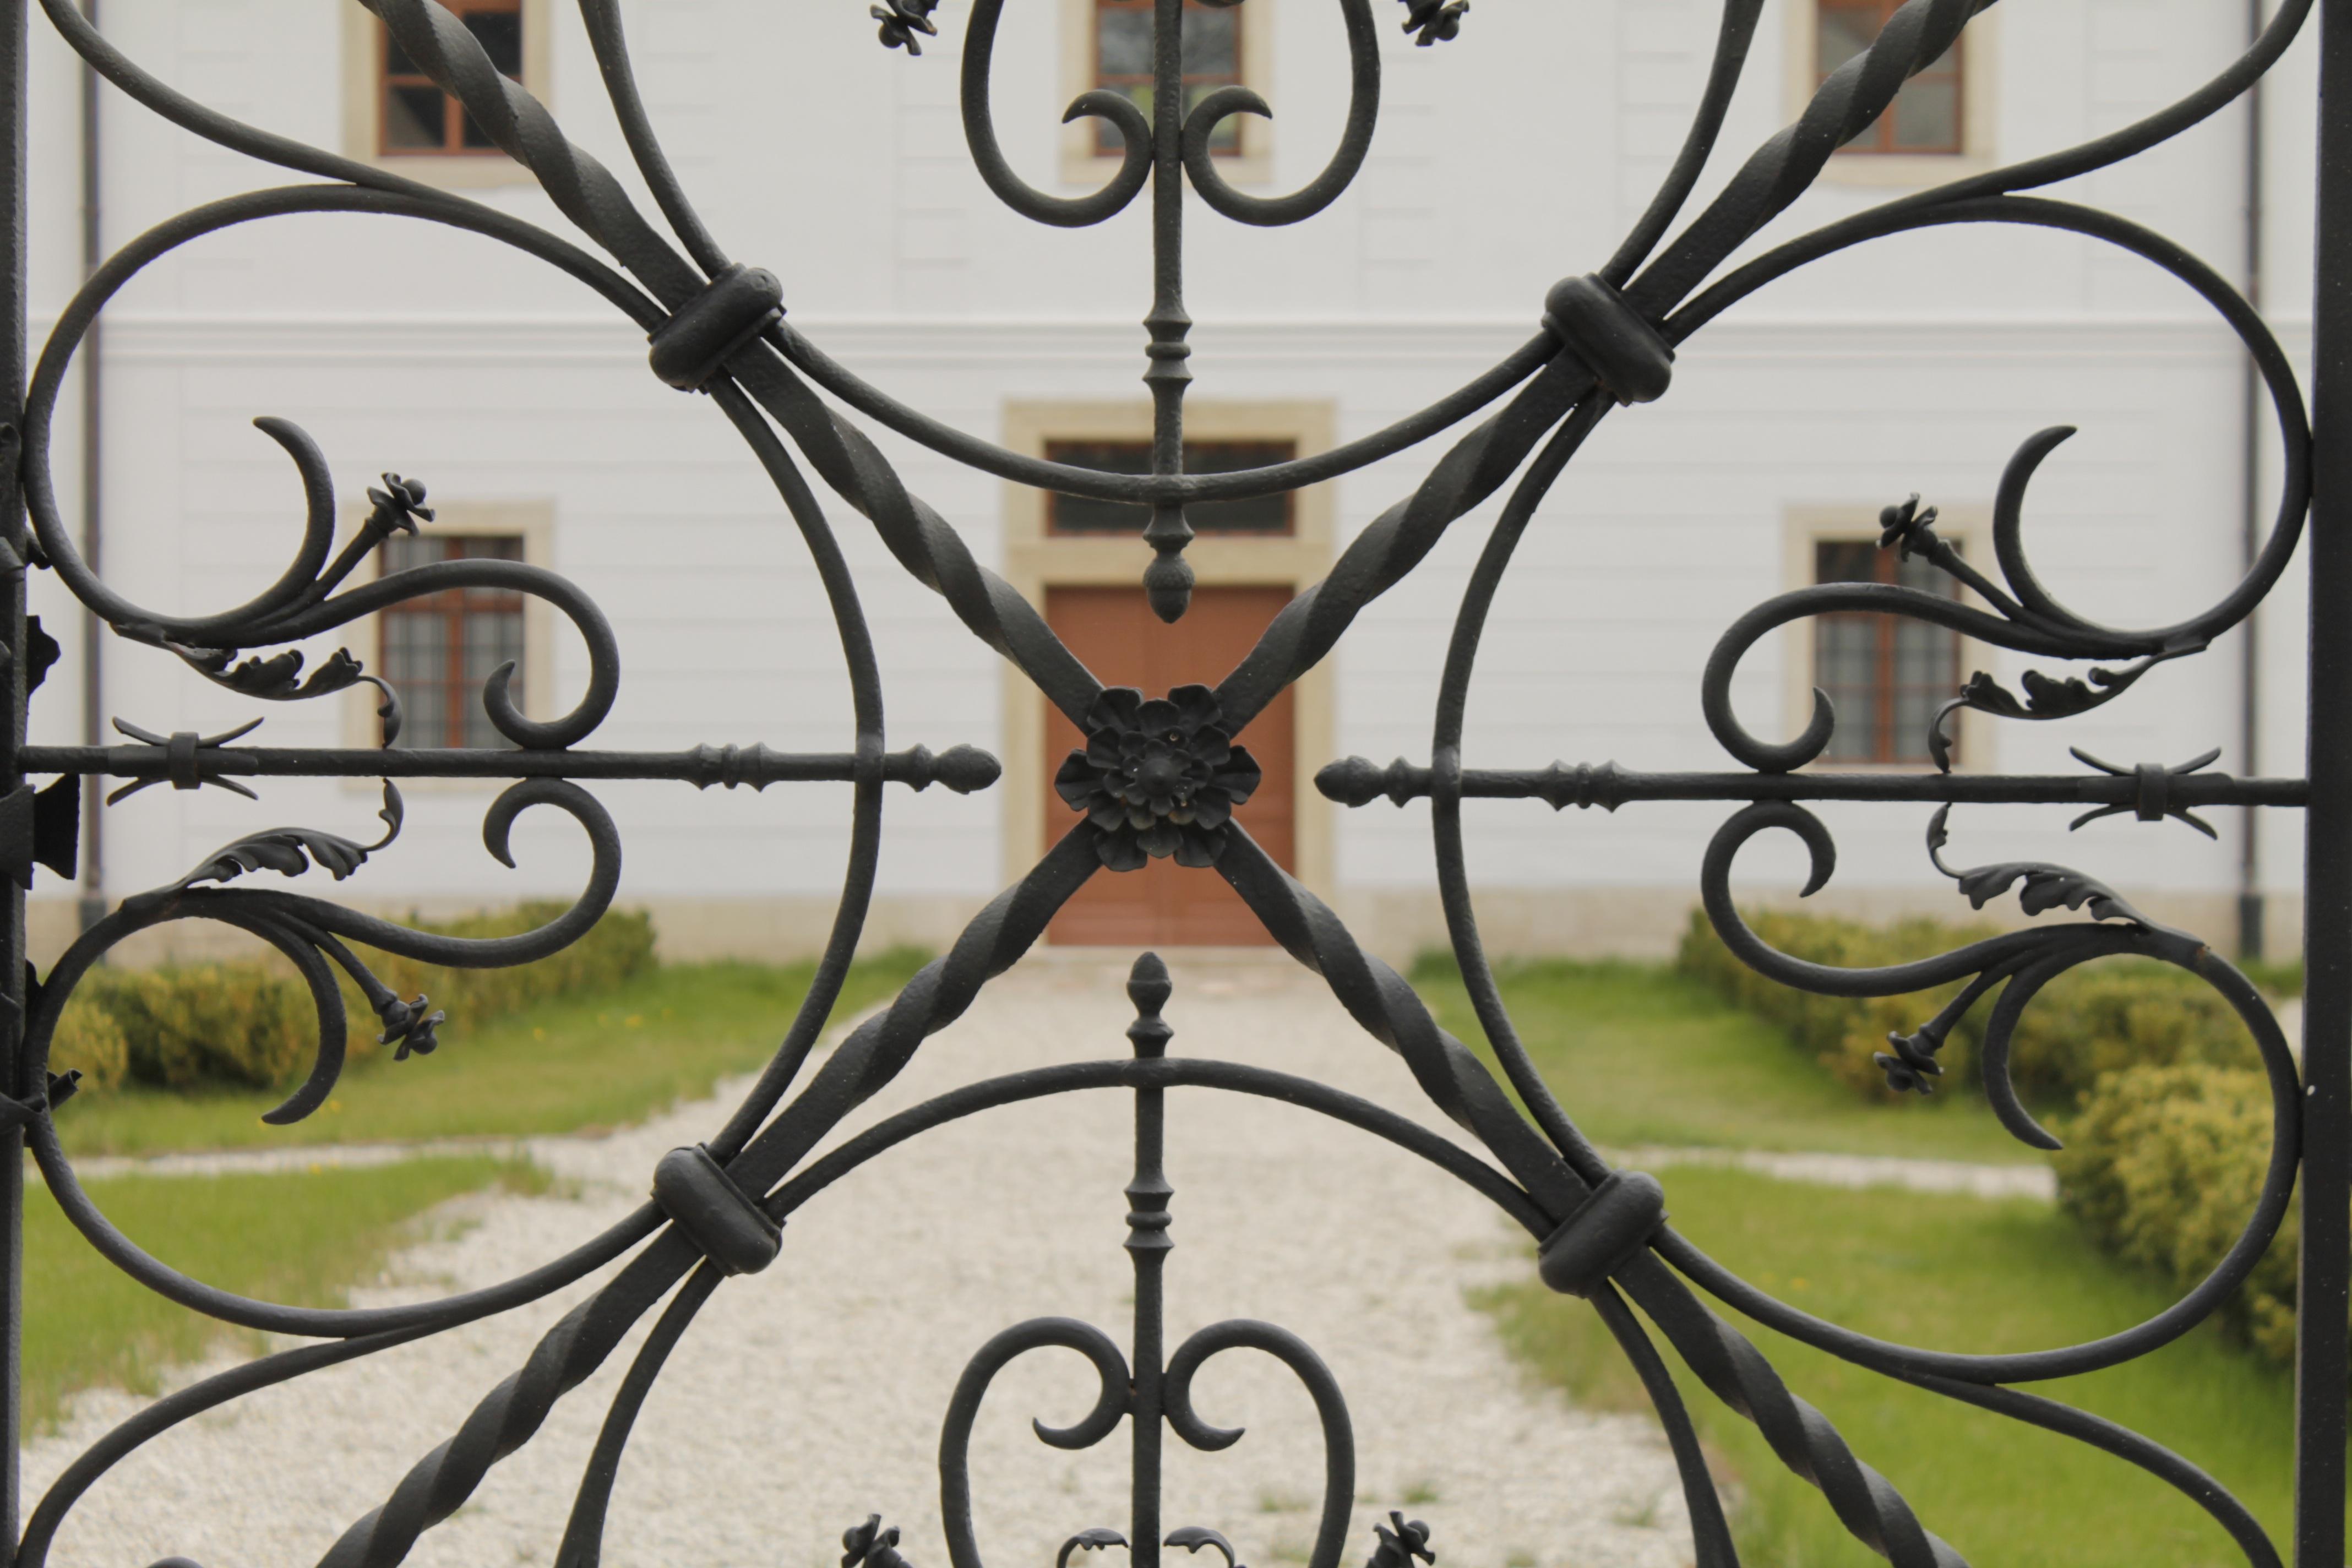 Fotos Gratis Ventana Vaso Edificio Metal Castillo Jard N